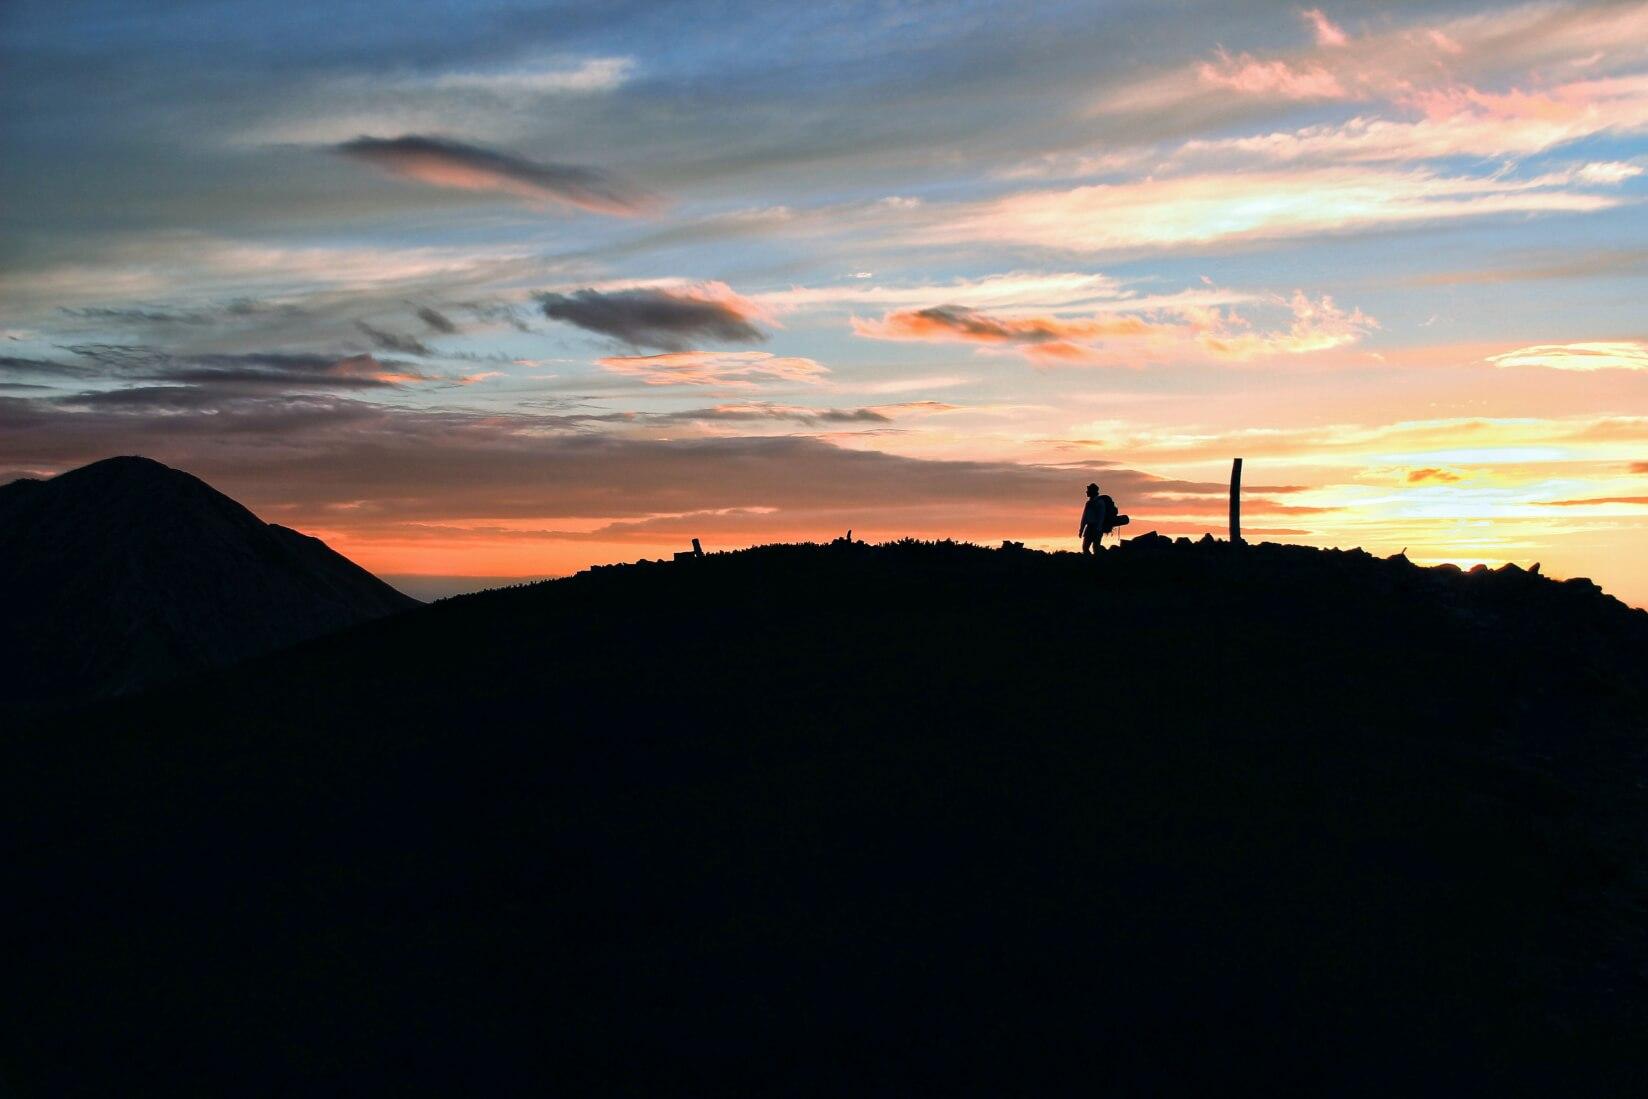 夜明け前の三俣蓮華岳山頂